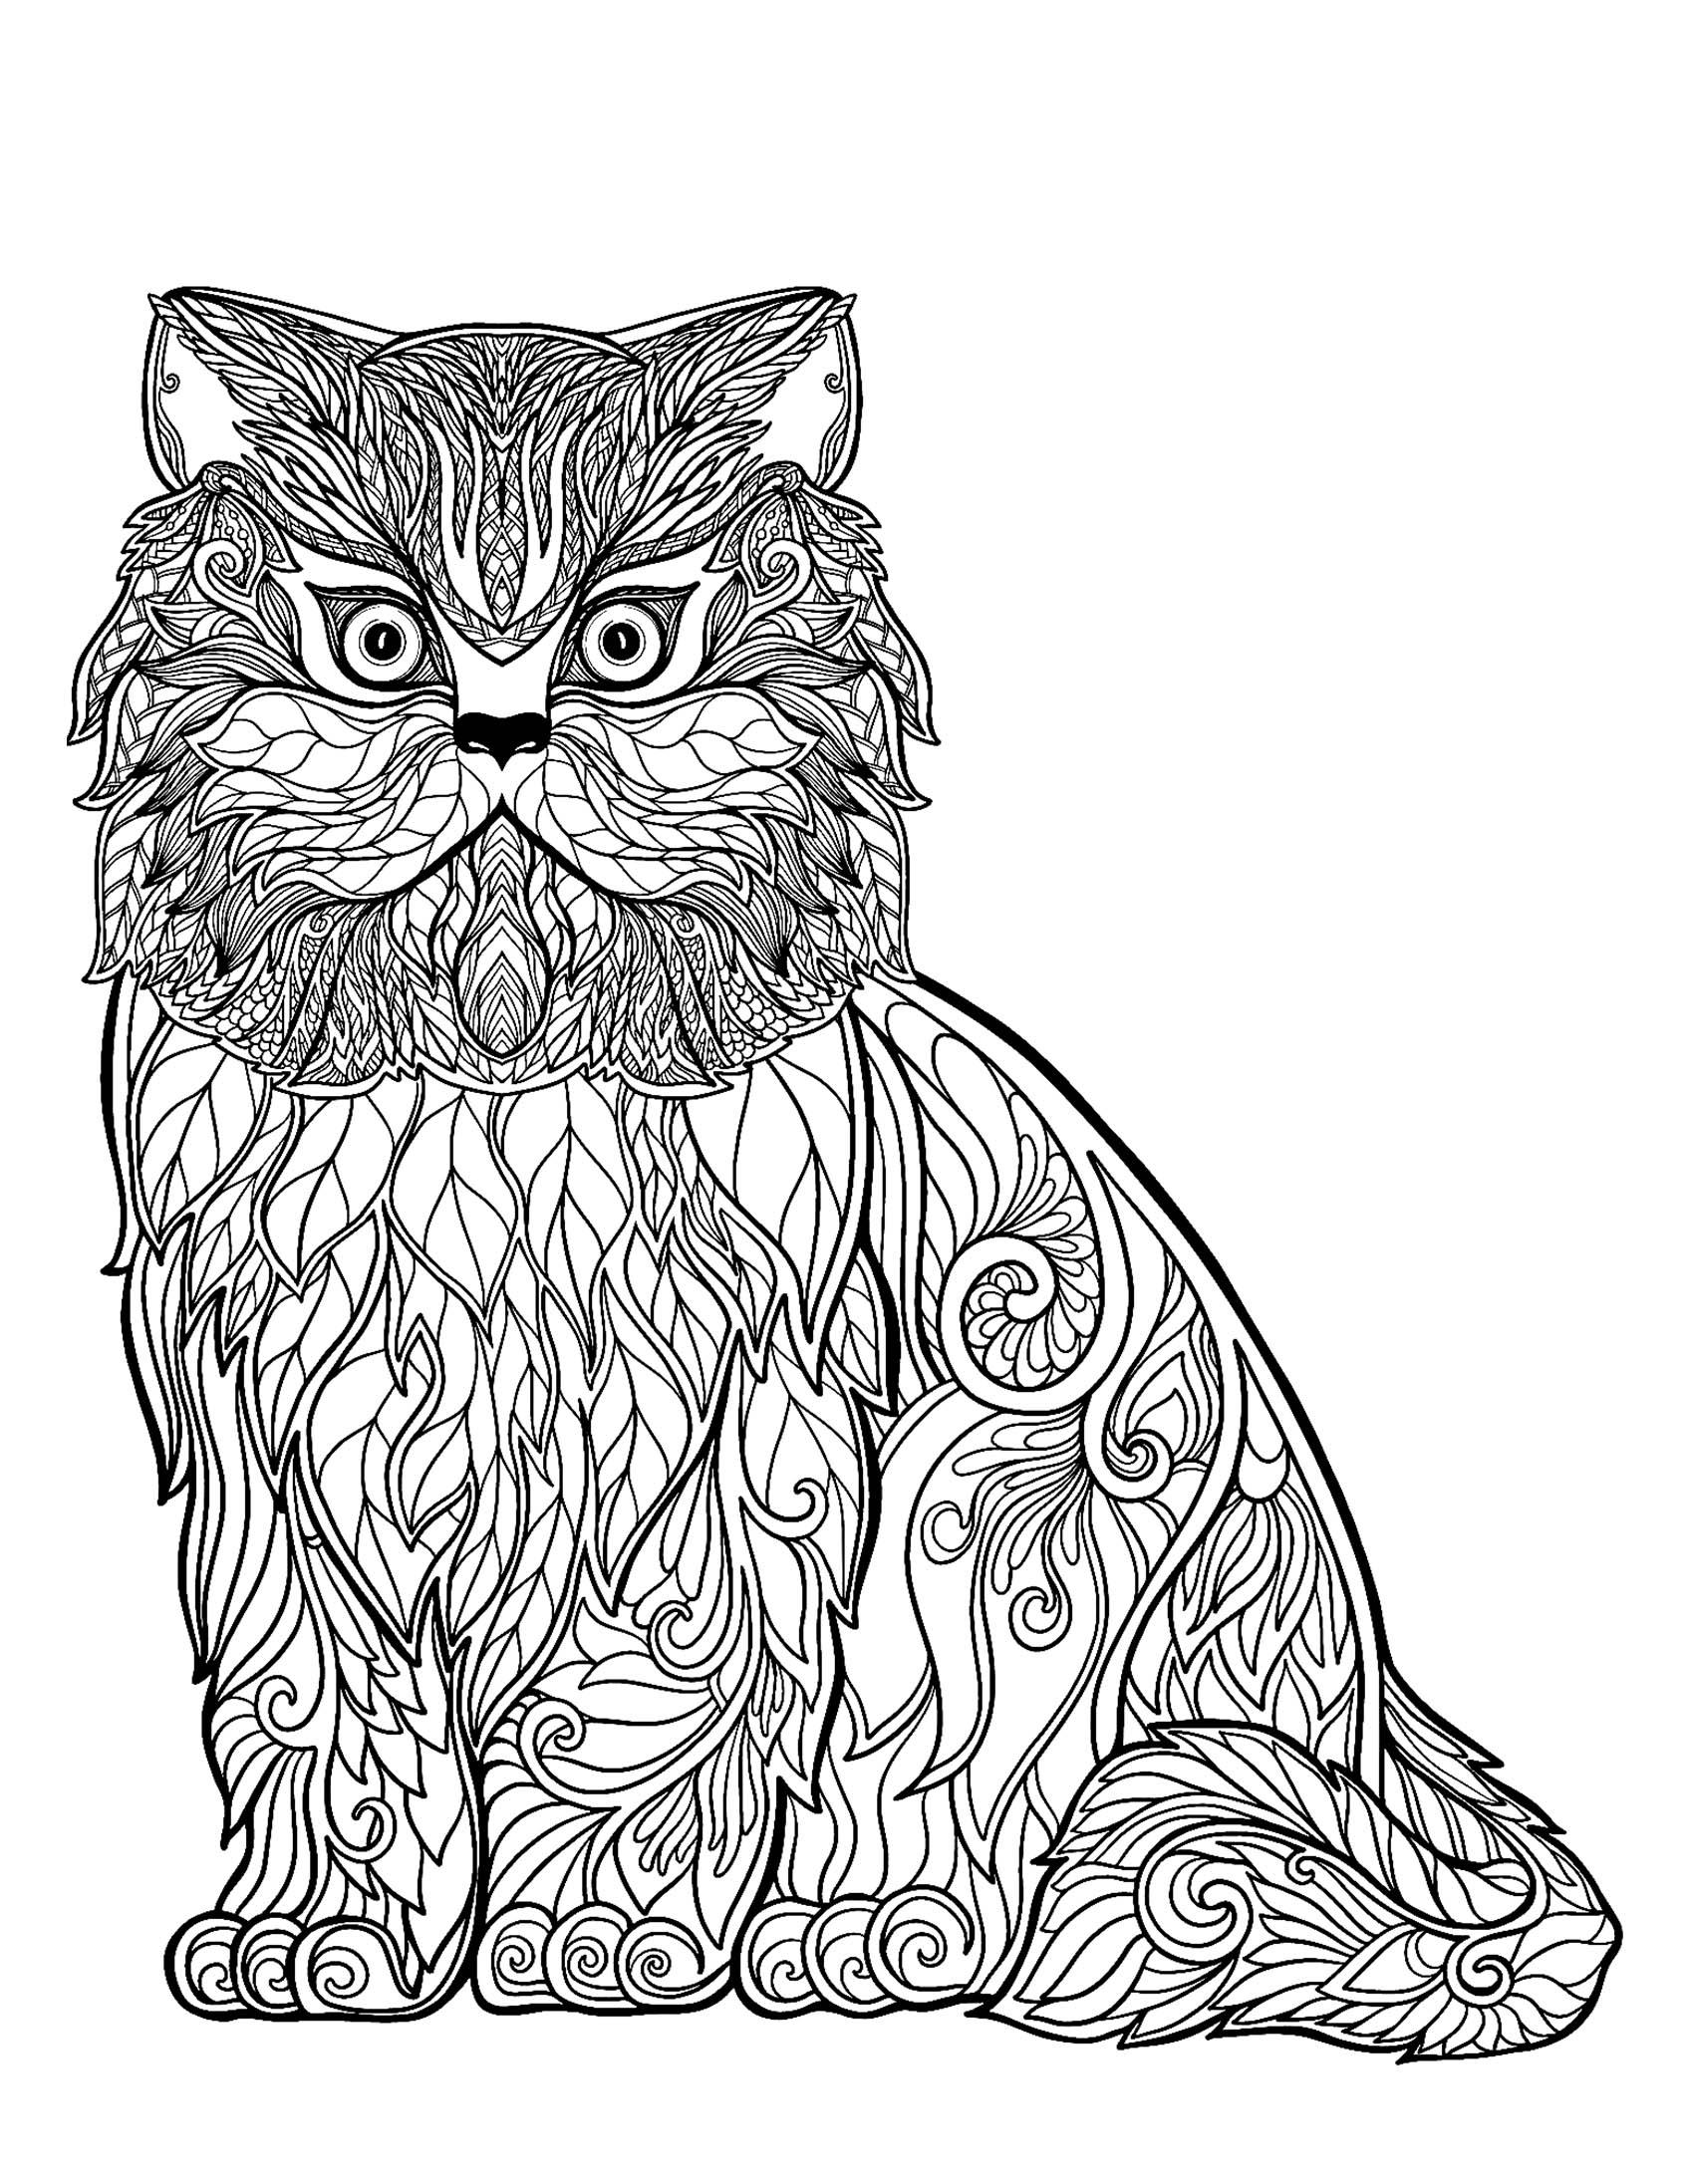 Dessin de chat gratuit à imprimer et colorier - Coloriages ...